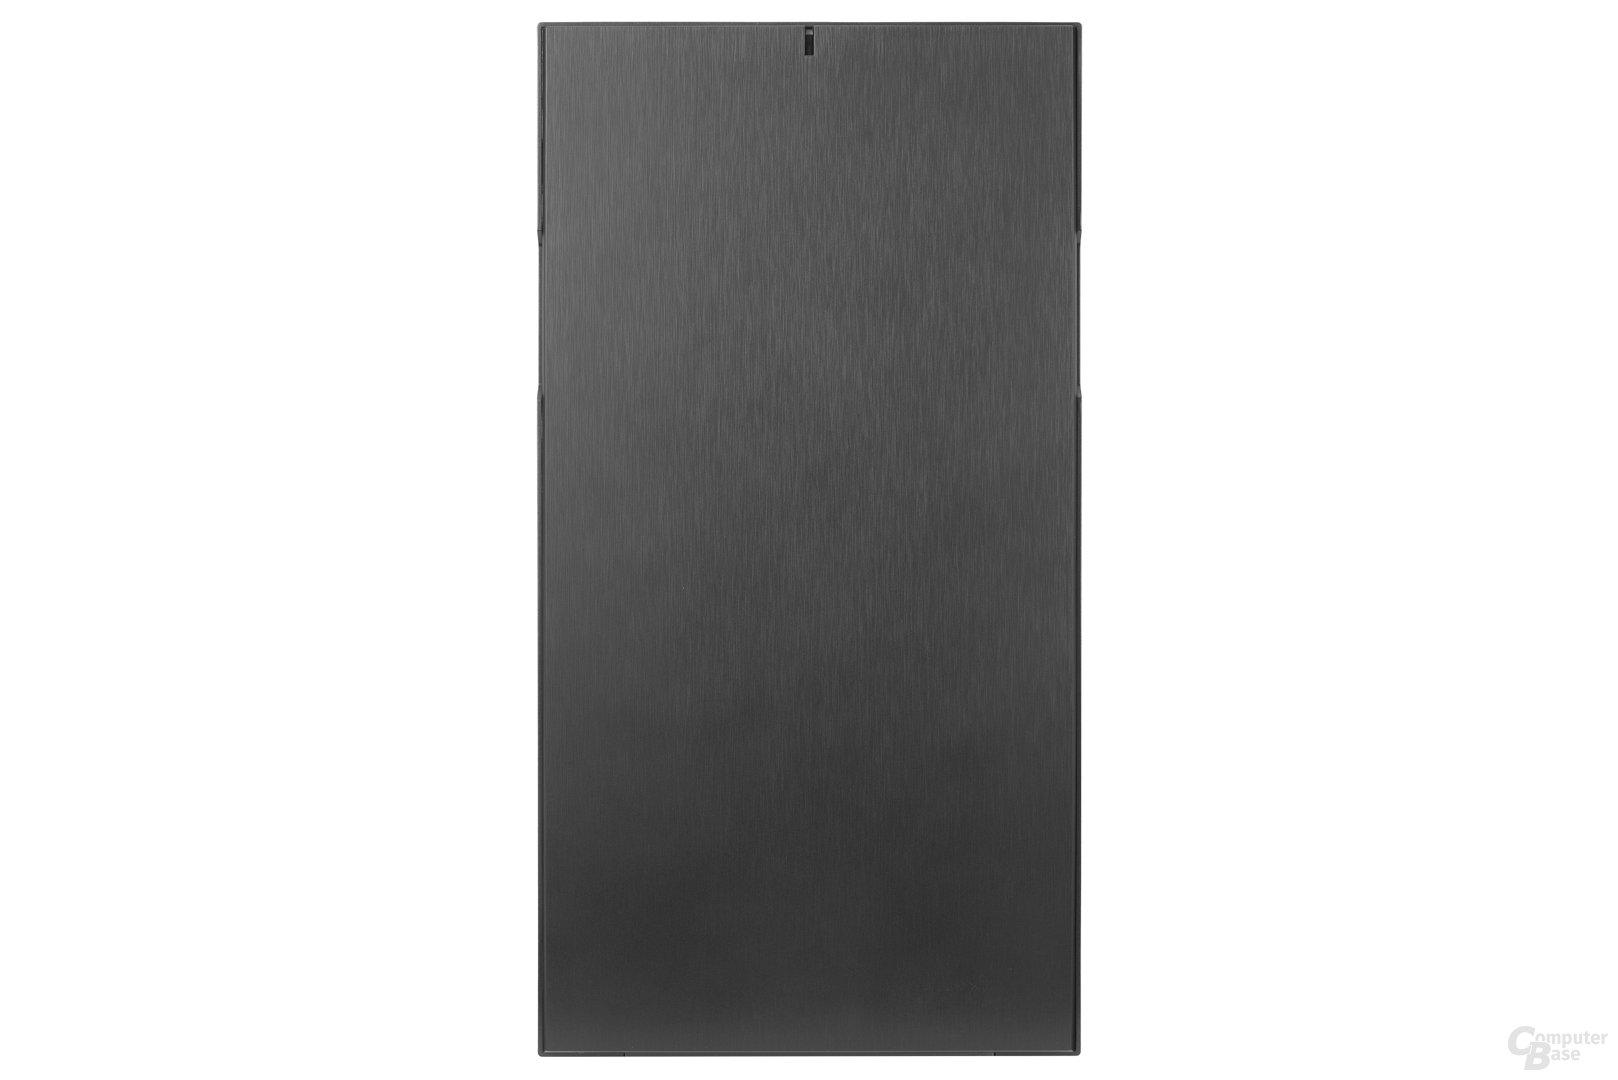 Bild Fractal Design Define R5 Frontansicht 1 42